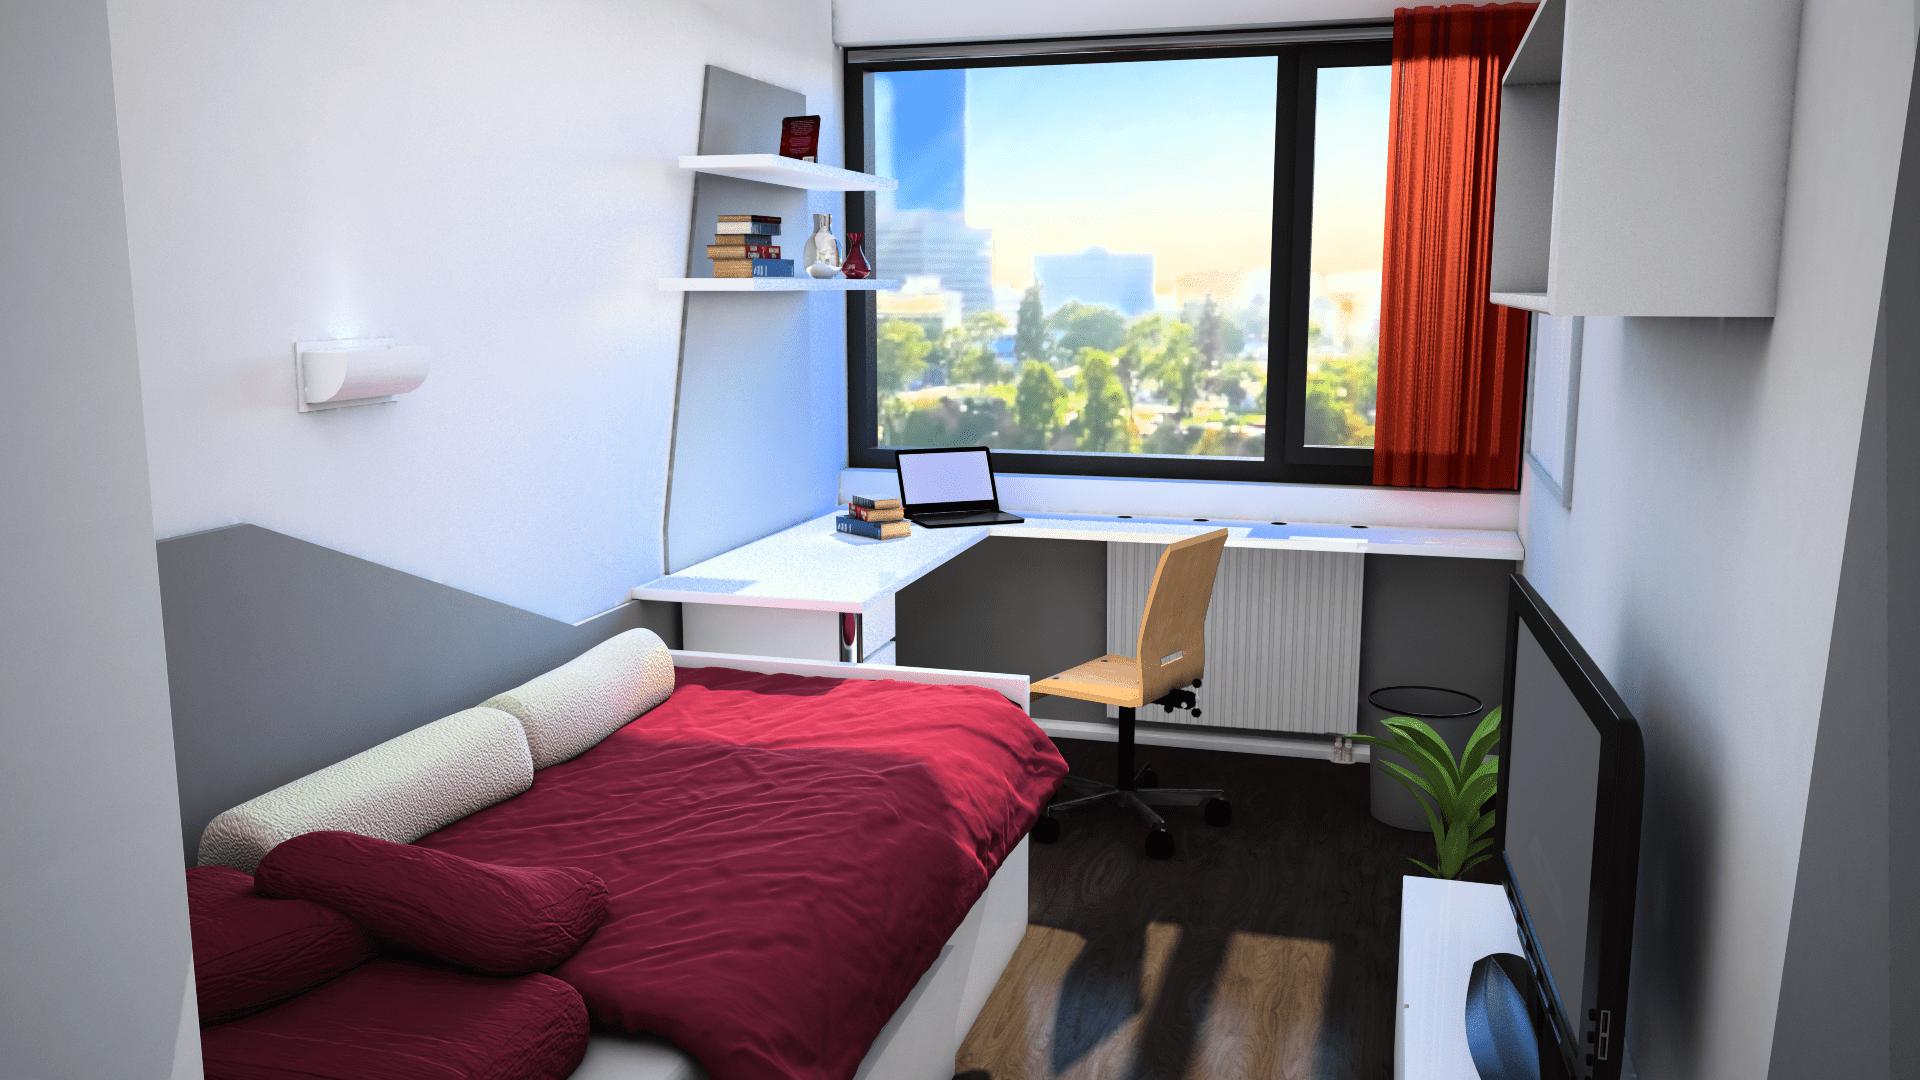 Einzelzimmer Studentenheim Leechgasse